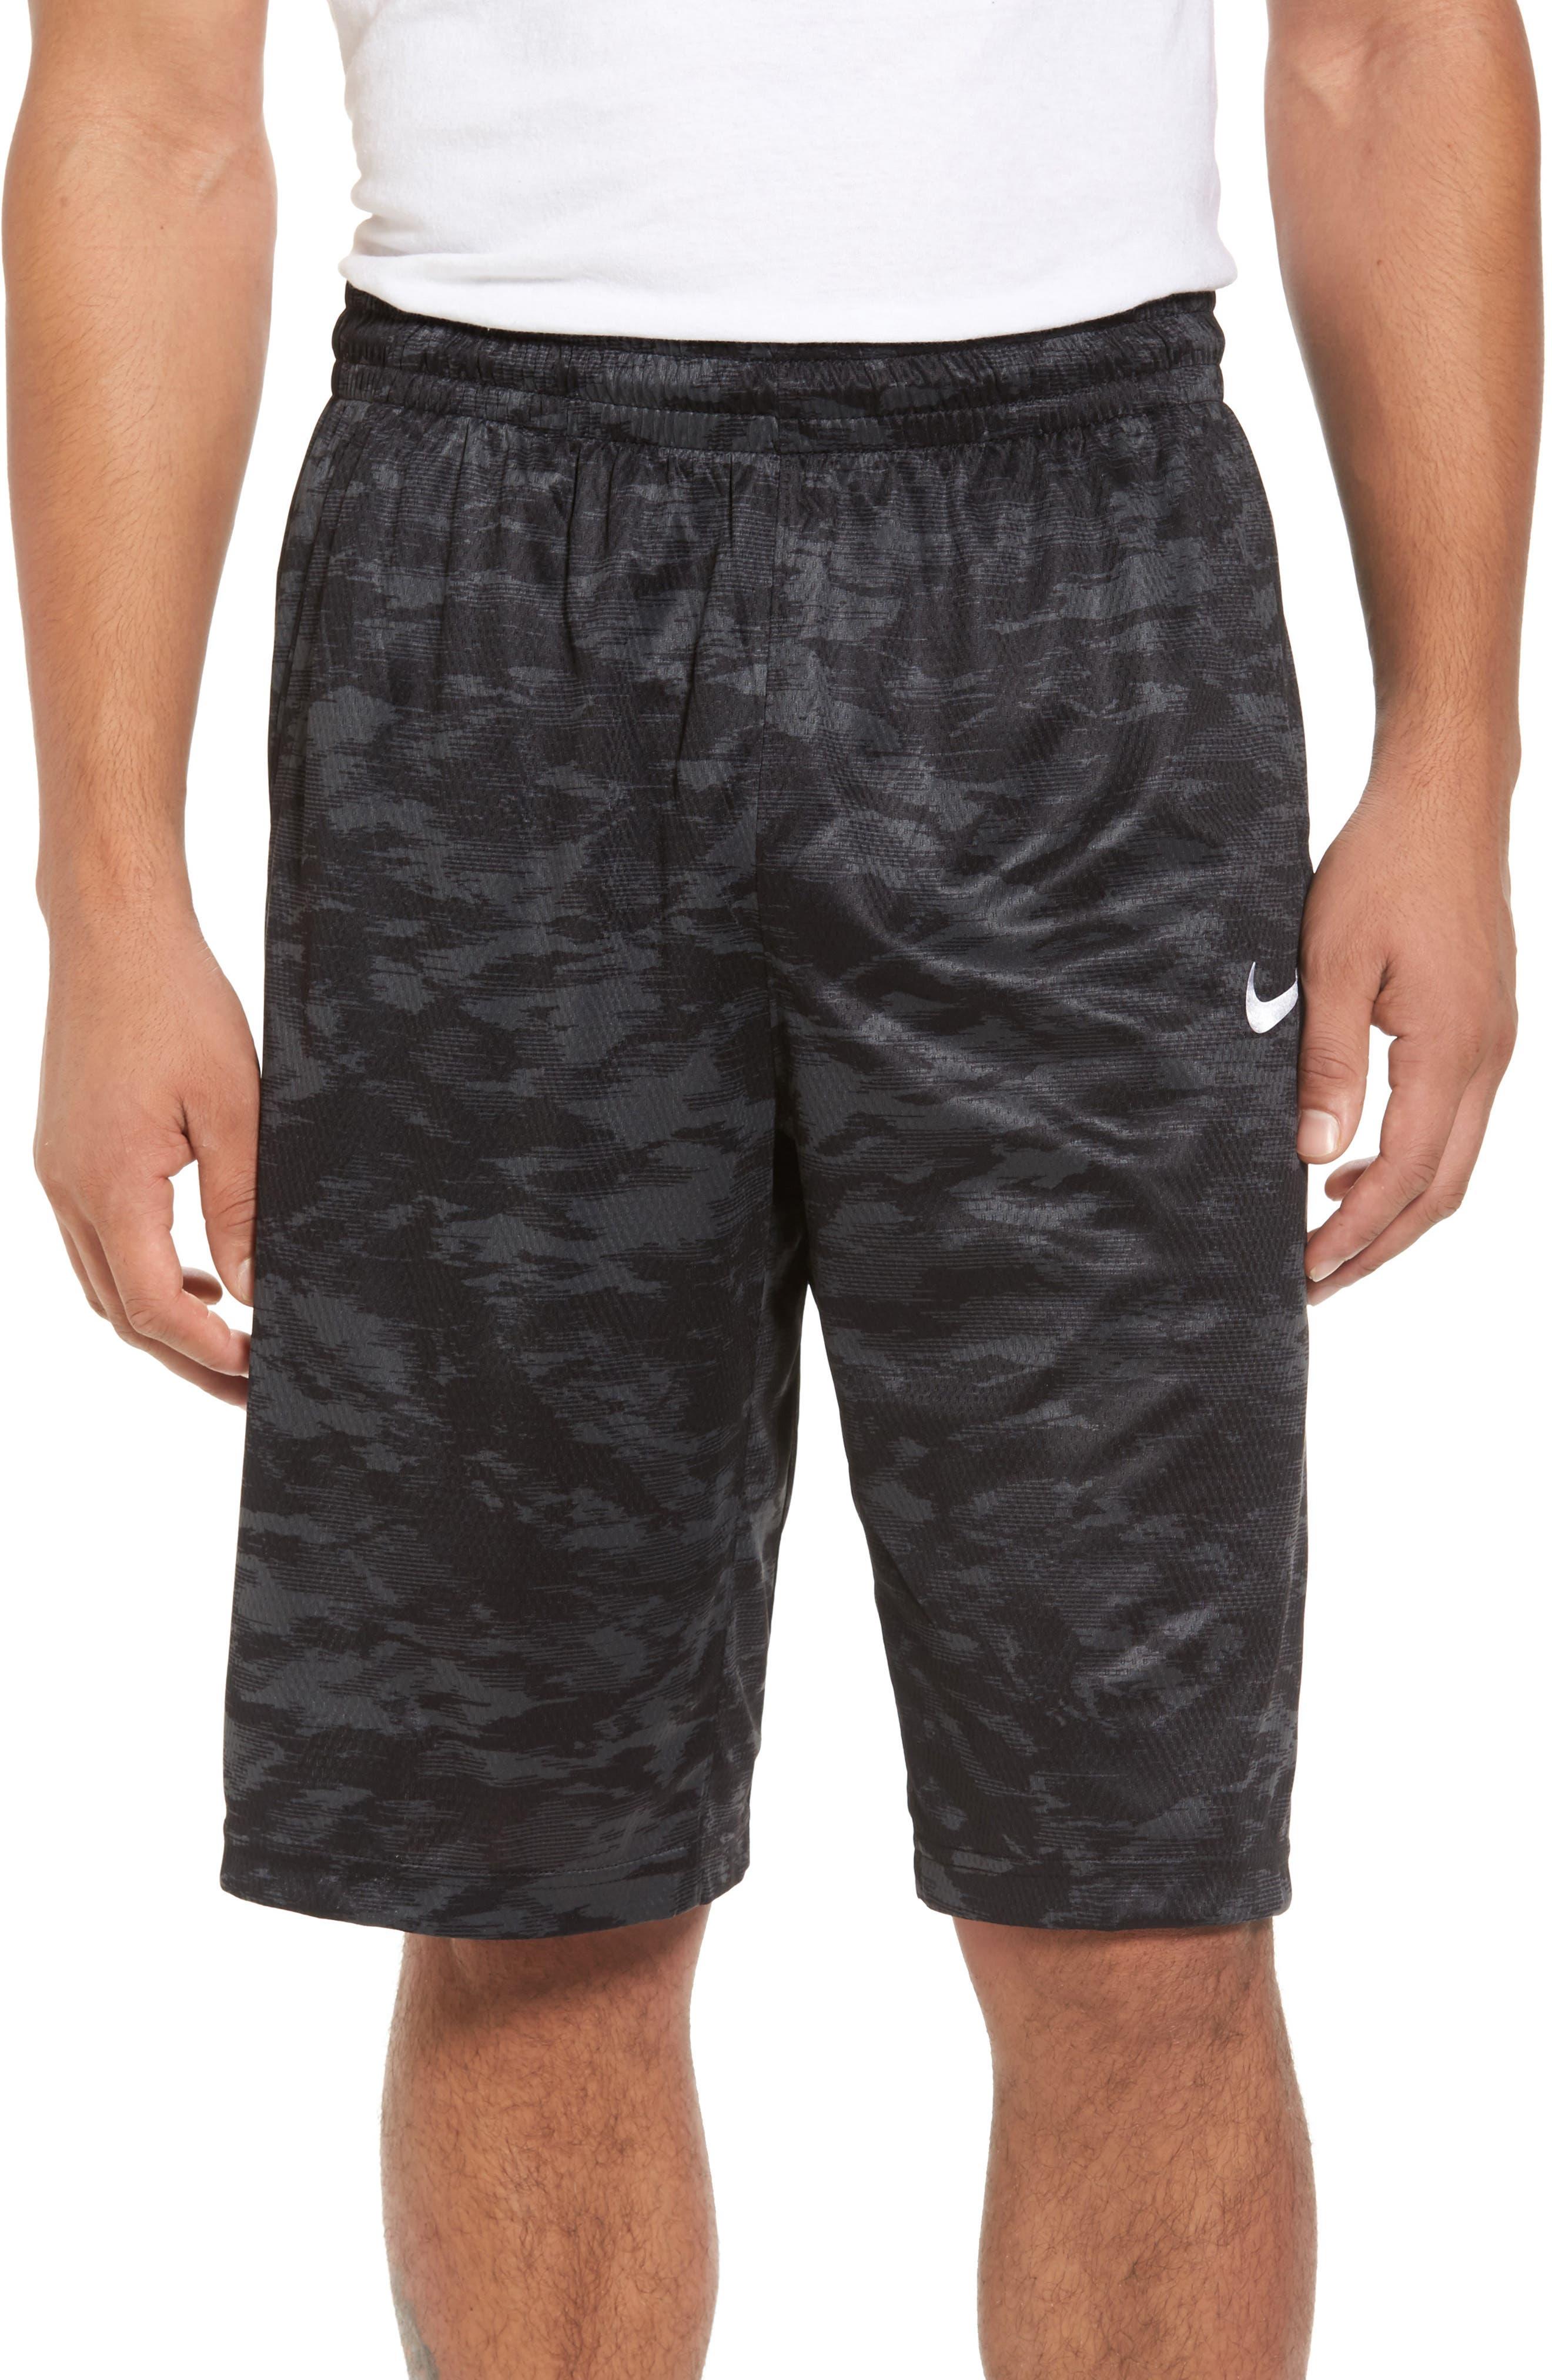 Dry Basketball Shorts,                             Main thumbnail 1, color,